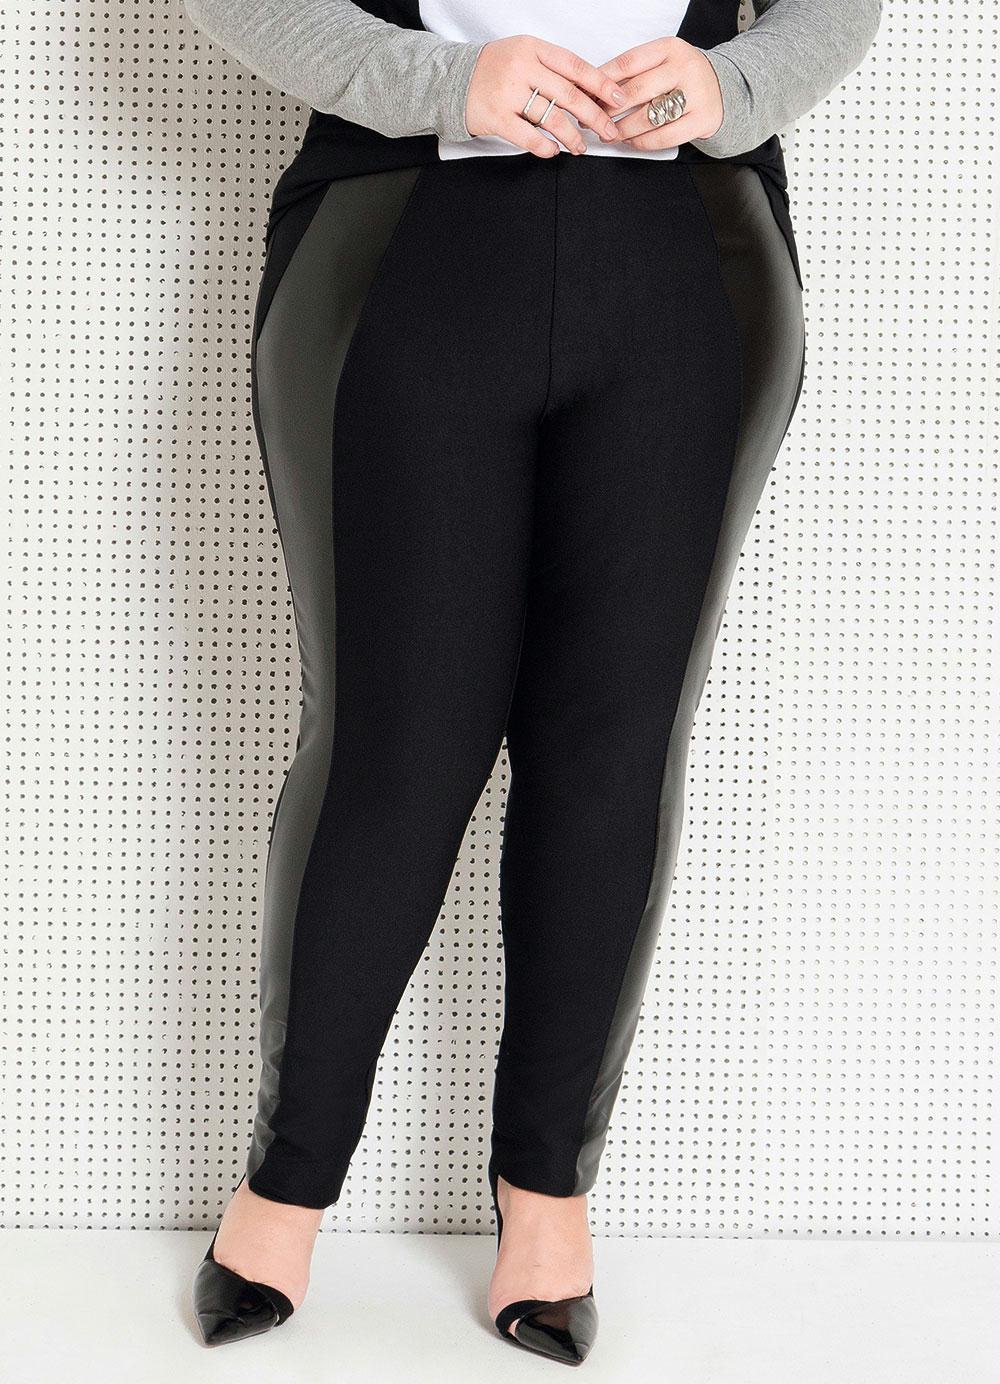 7ddb352d1f Calça Legging Preta com Recorte Plus Size - Quintess Outlet